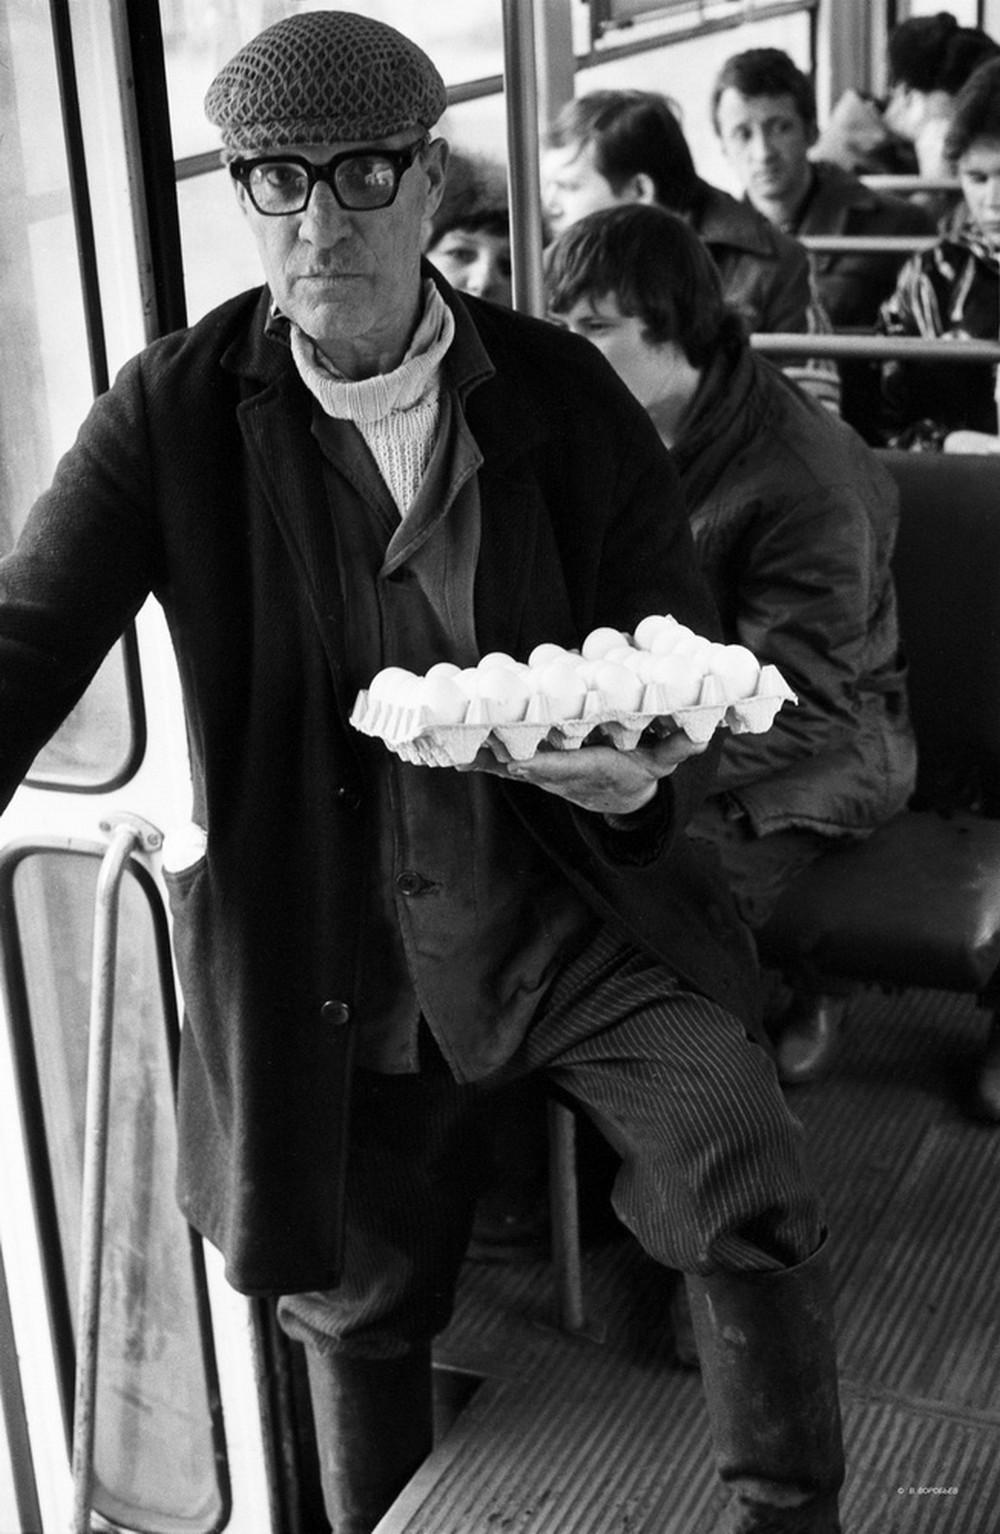 Социалистическая реальность в документальных фотографиях Владимира Воробьева 41